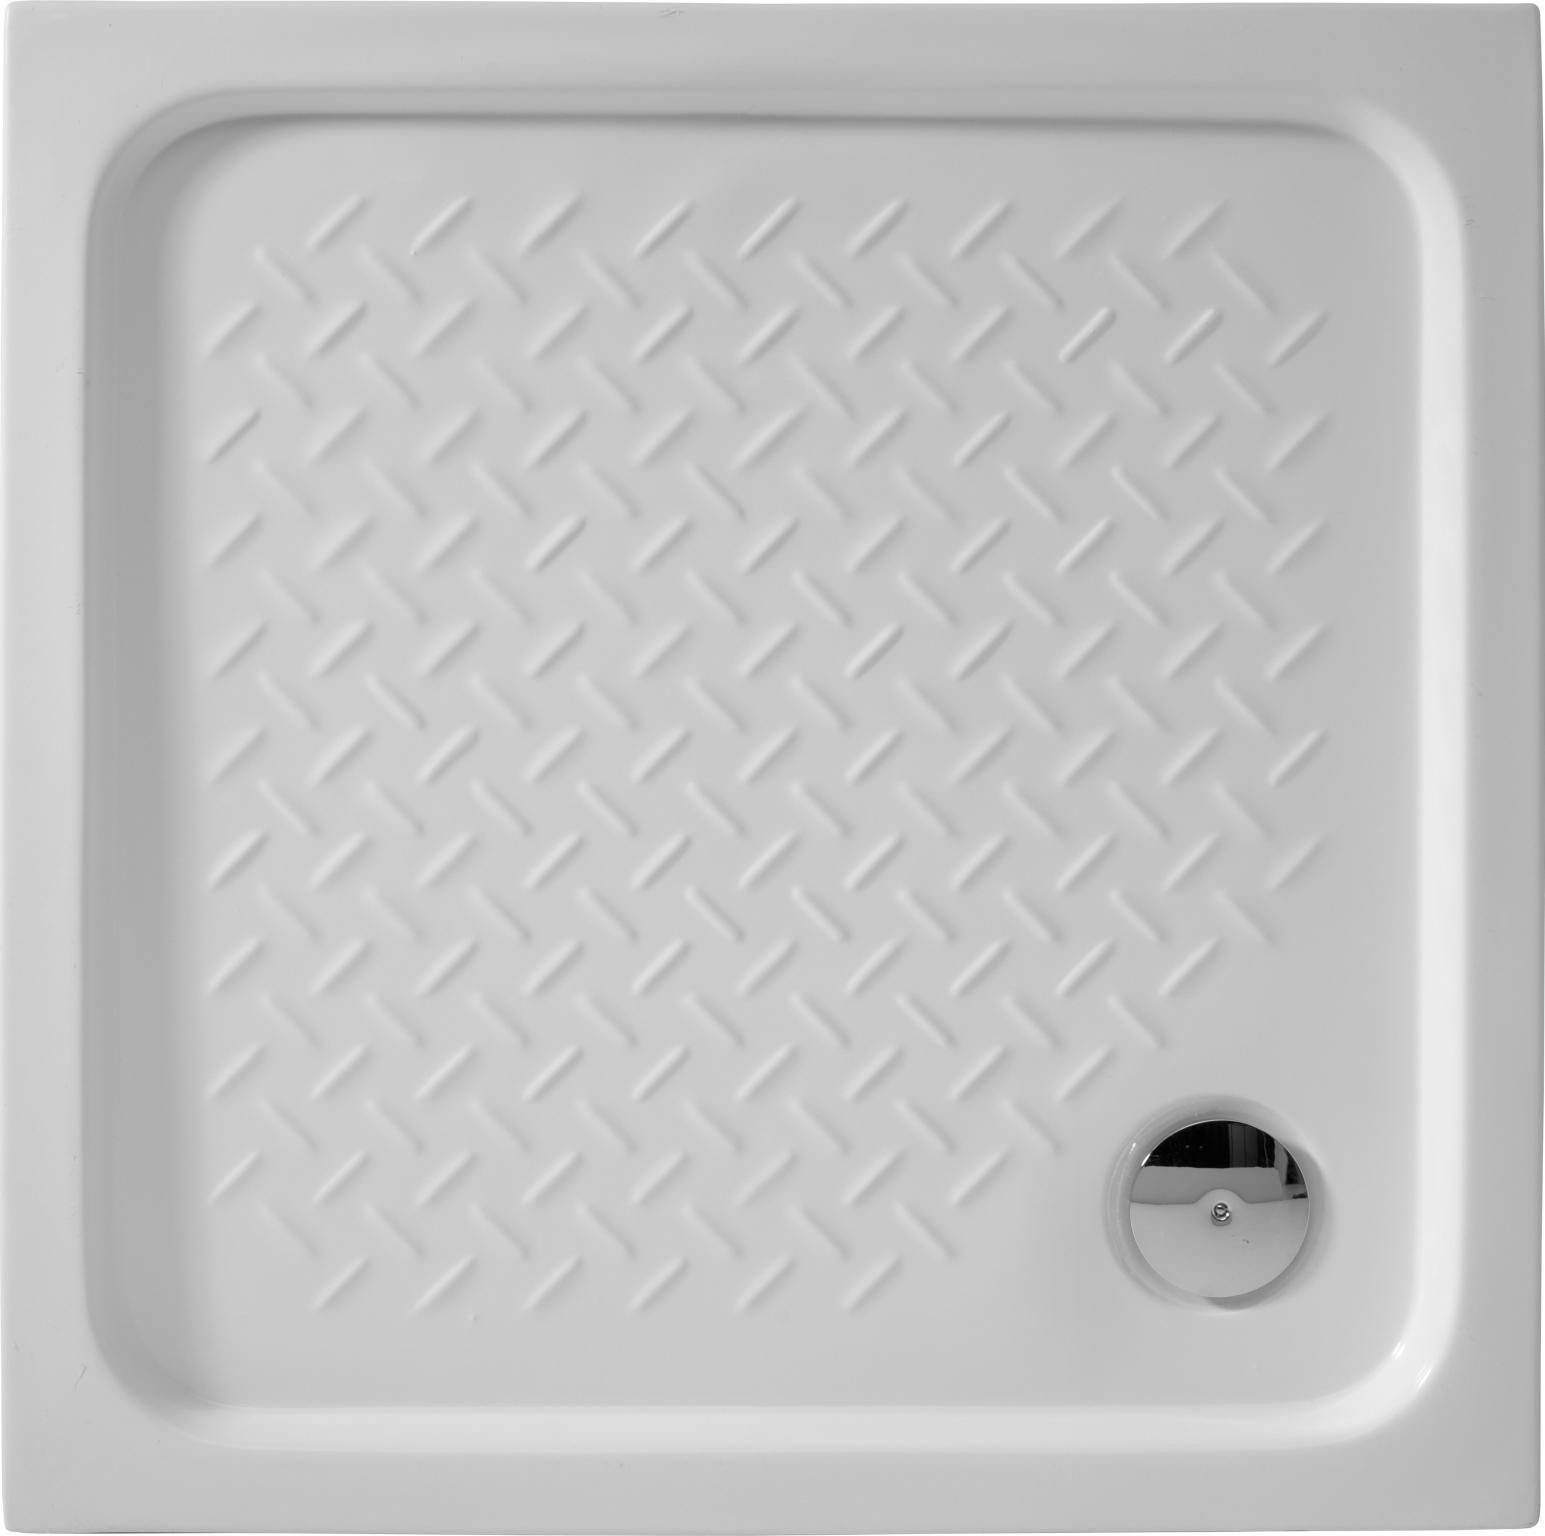 Квадратный душевой поддон De Aqua  100x100 см (MPD100100-4)